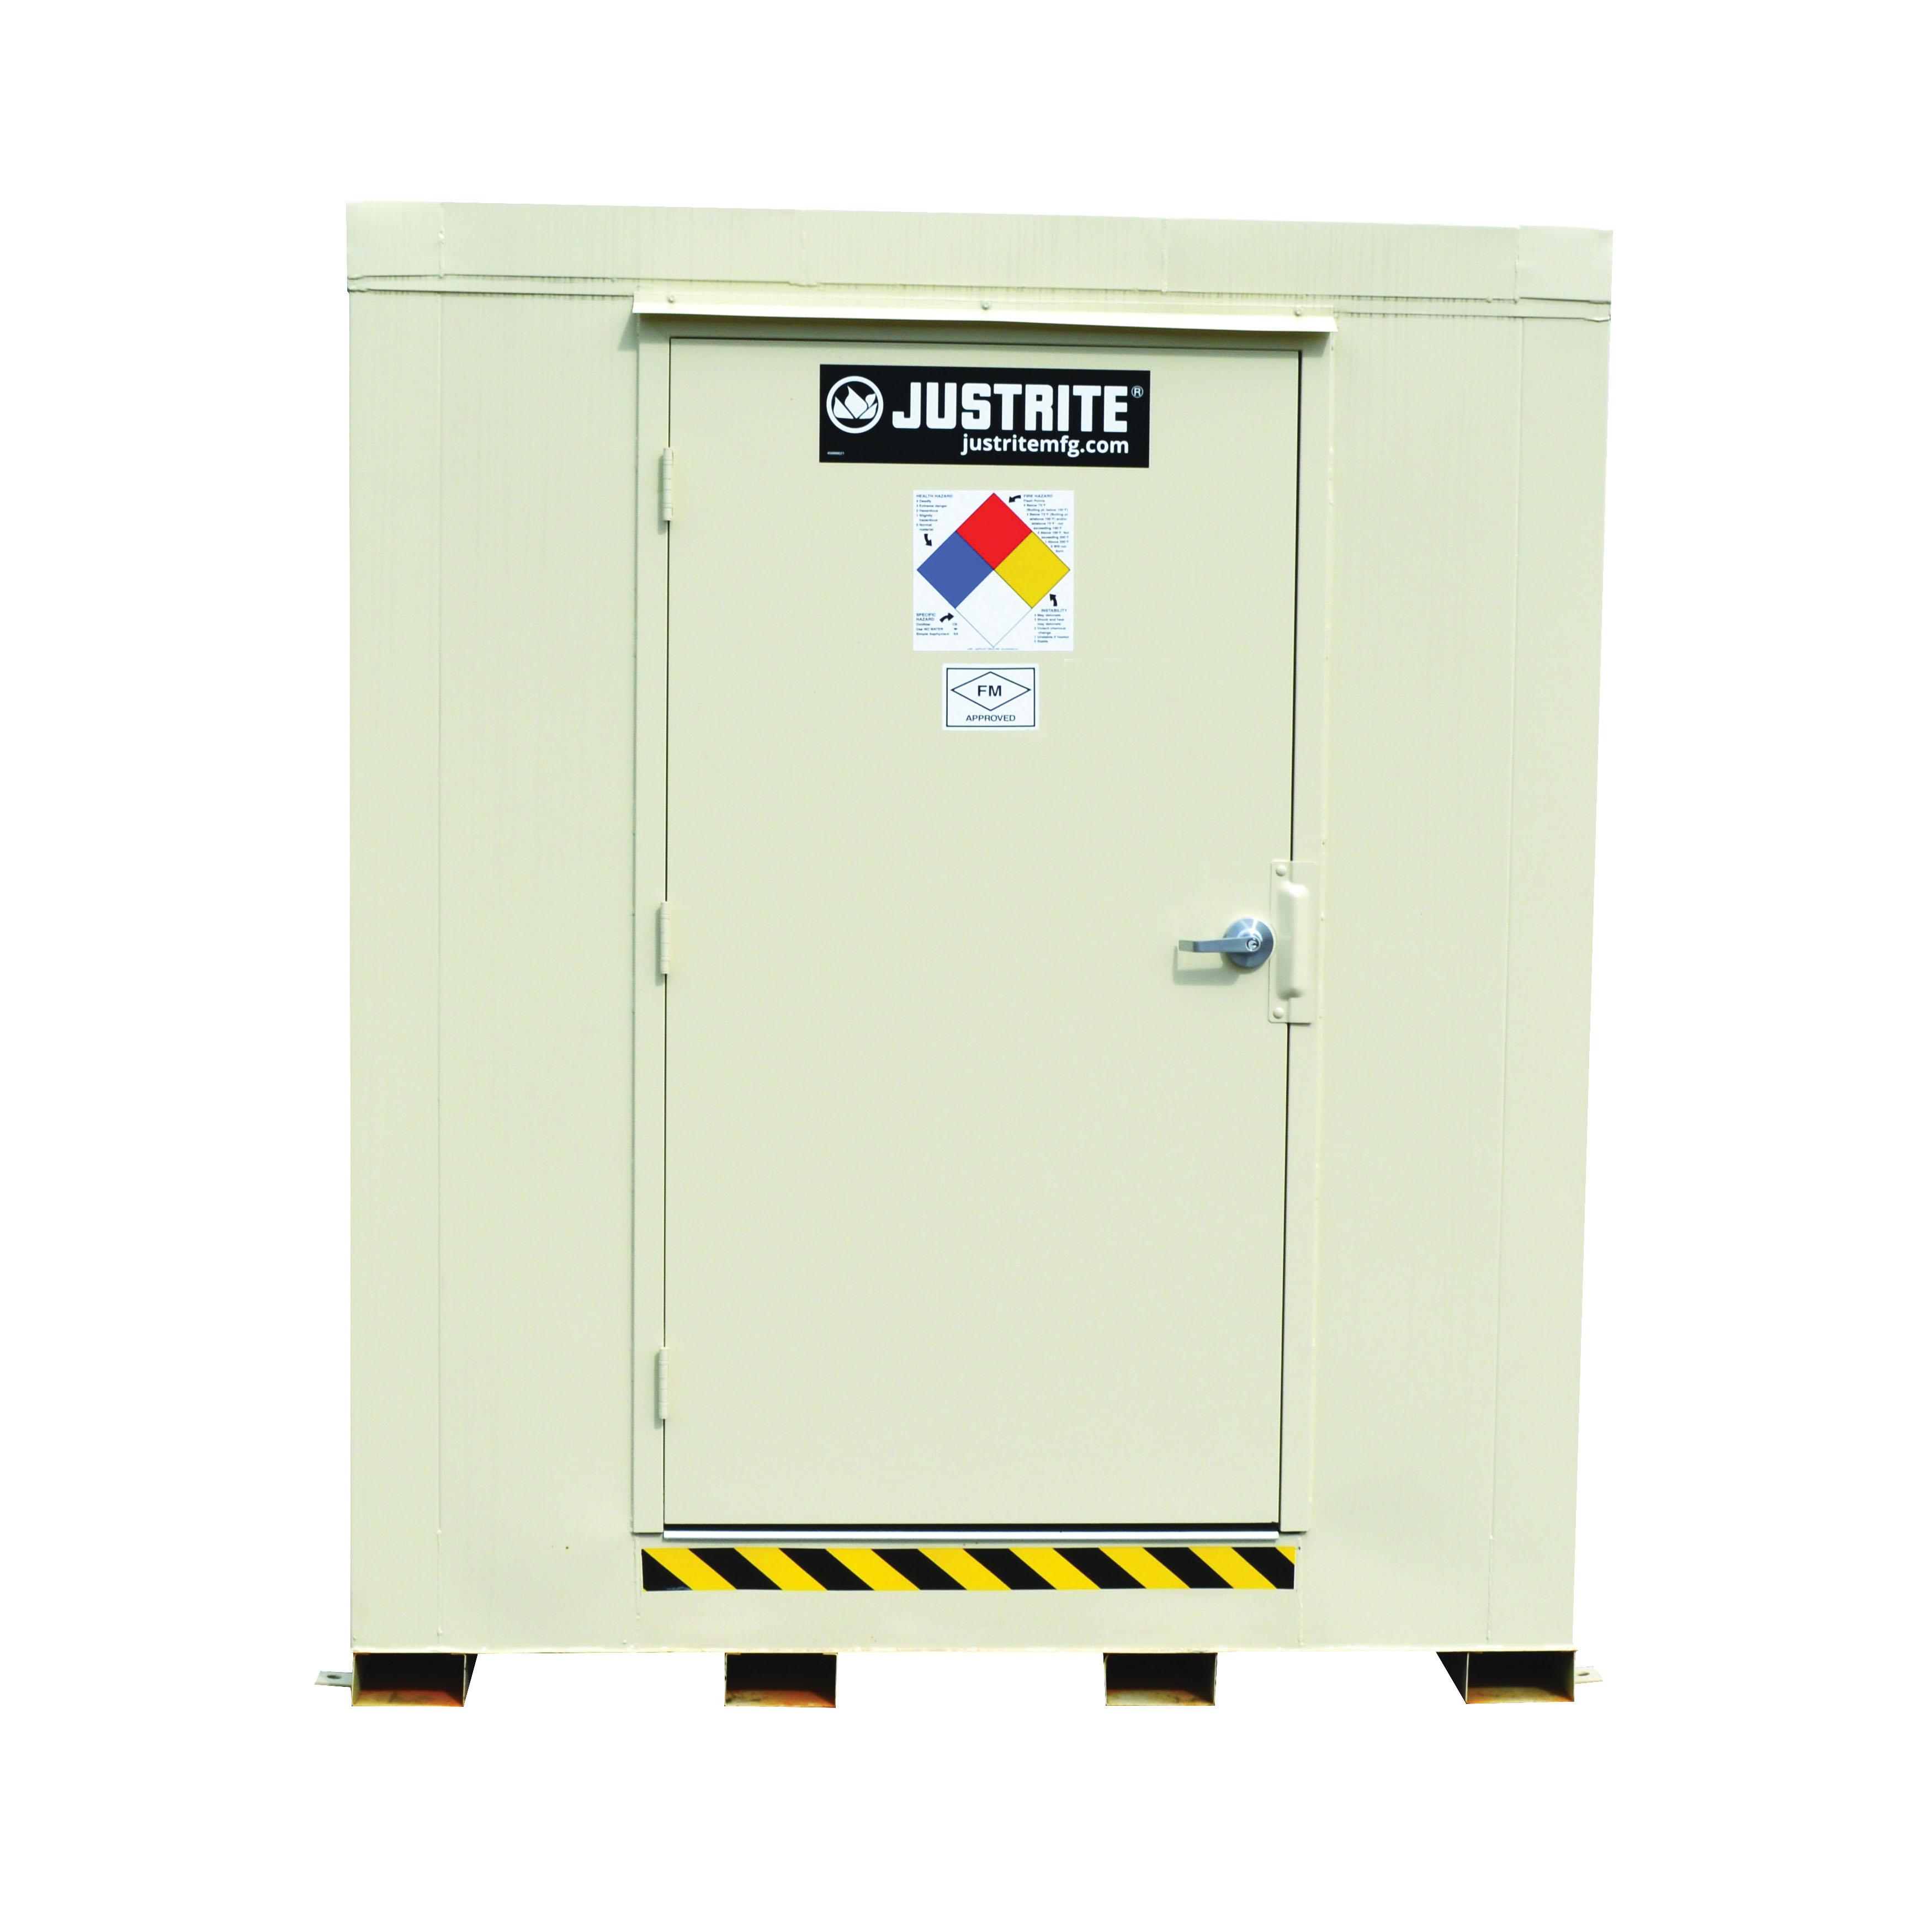 Justrite® 913020 Outdoor Safety Locker, 4 hr Fire Rating, 75 in H x 64 in W x 40 in D, Fire-Rated Door, 1 Doors, Heavy Gauge Steel, Bone